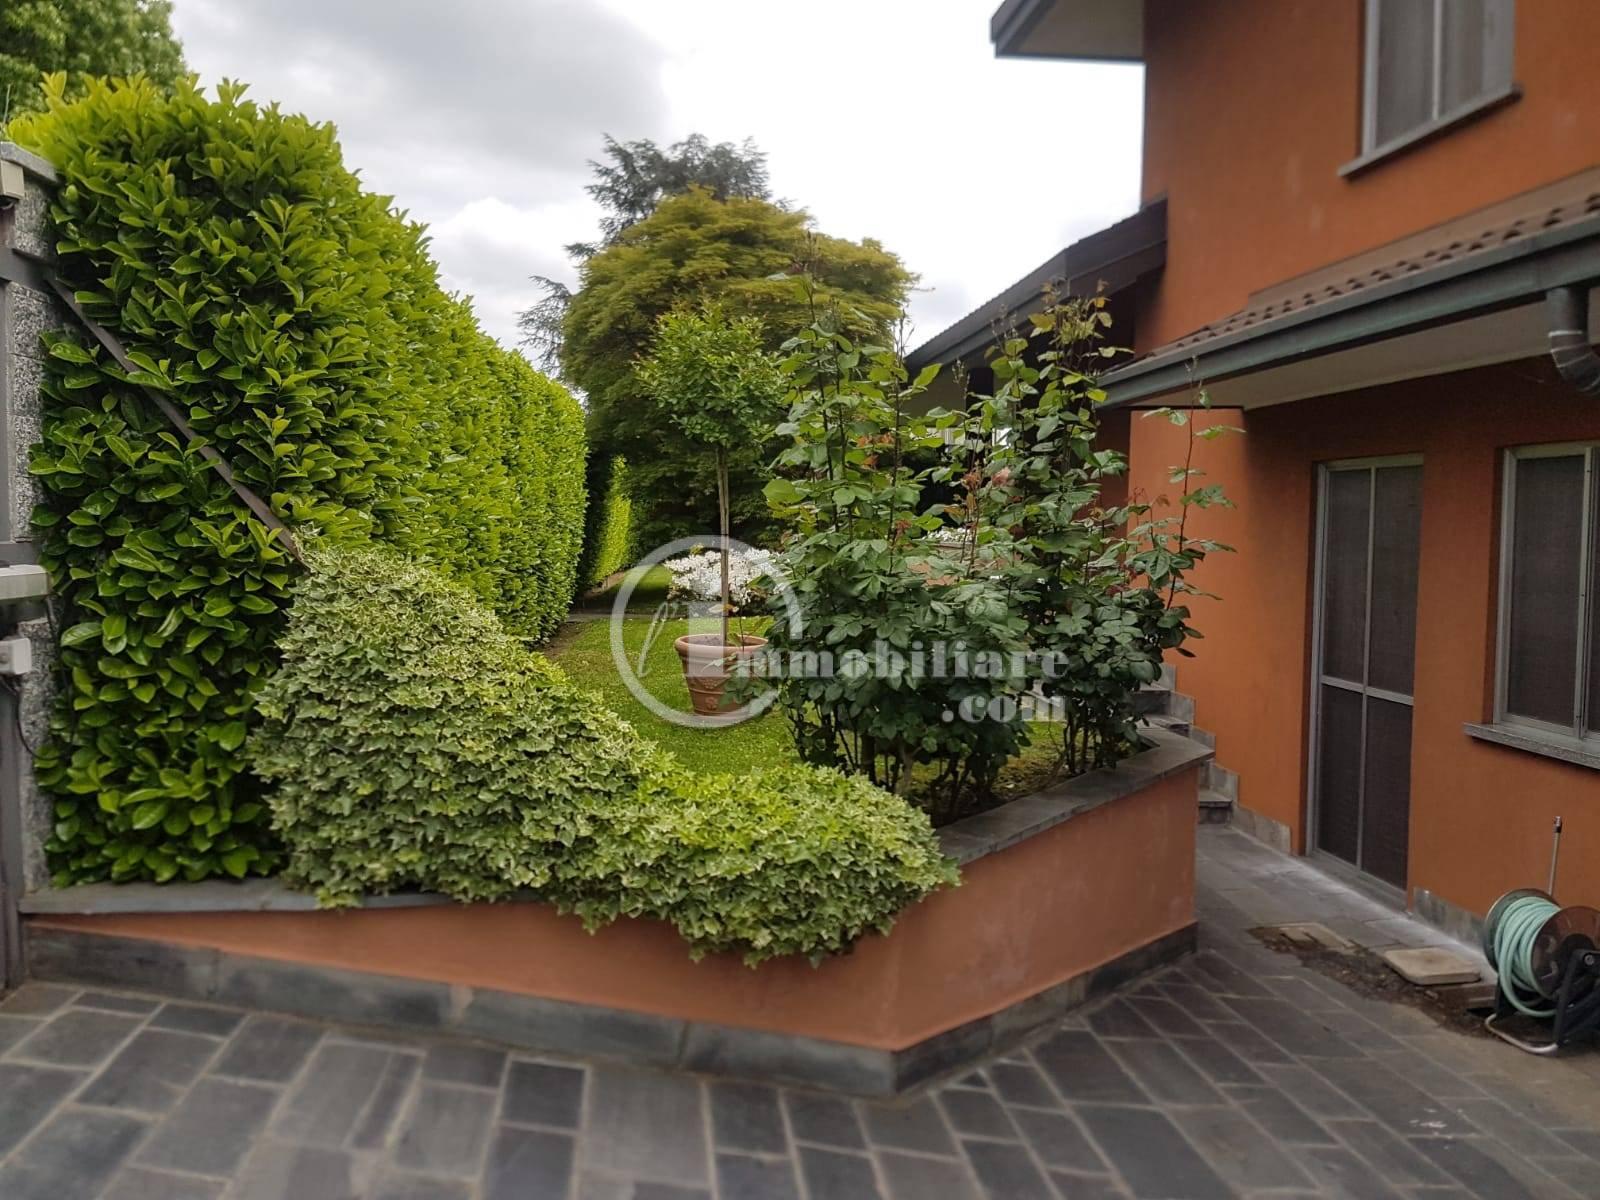 Villa in Vendita a Trezzano Sul Naviglio: 5 locali, 280 mq - Foto 6